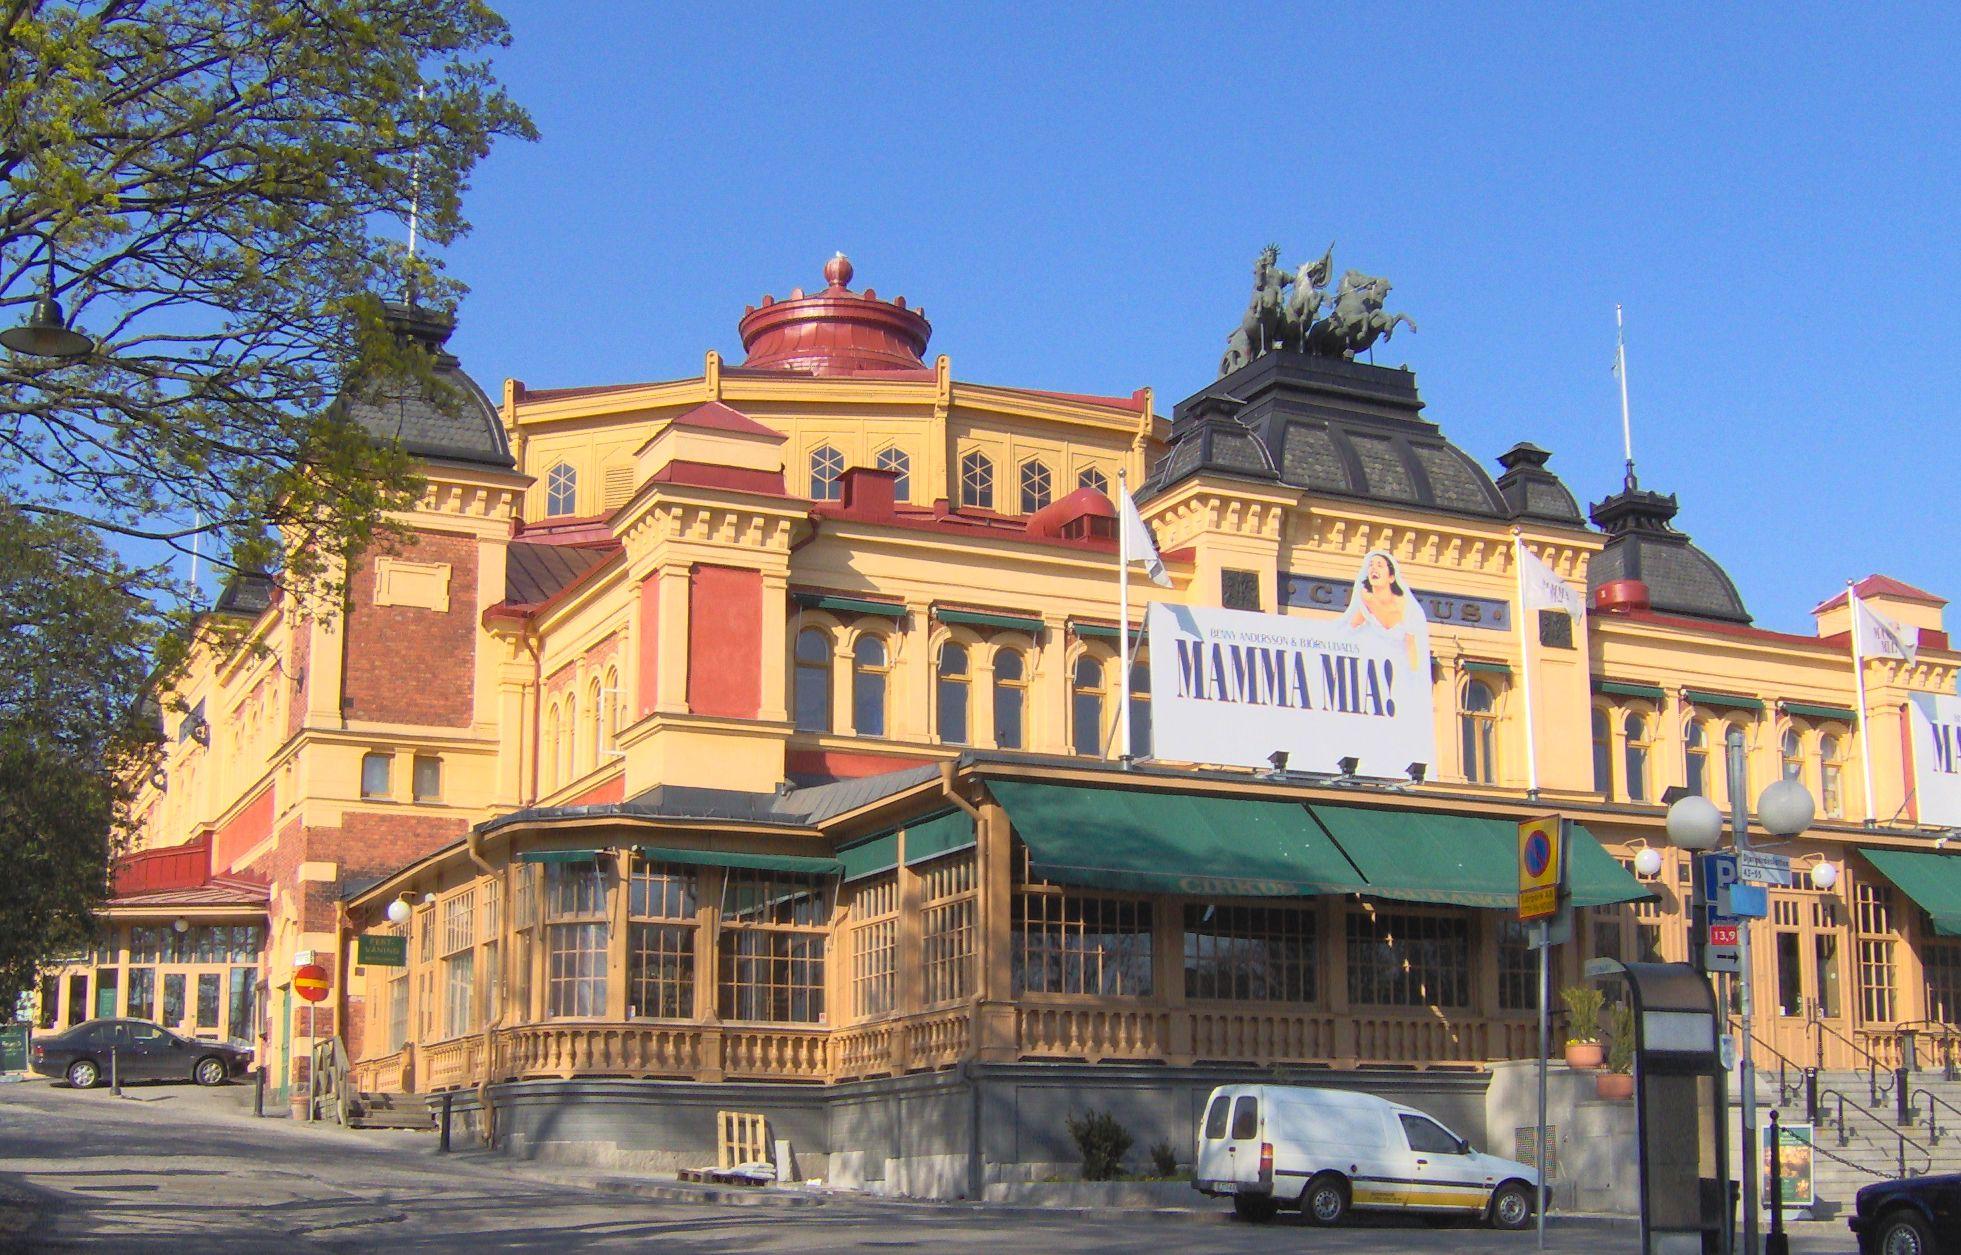 cirkus-stockholm-sweden